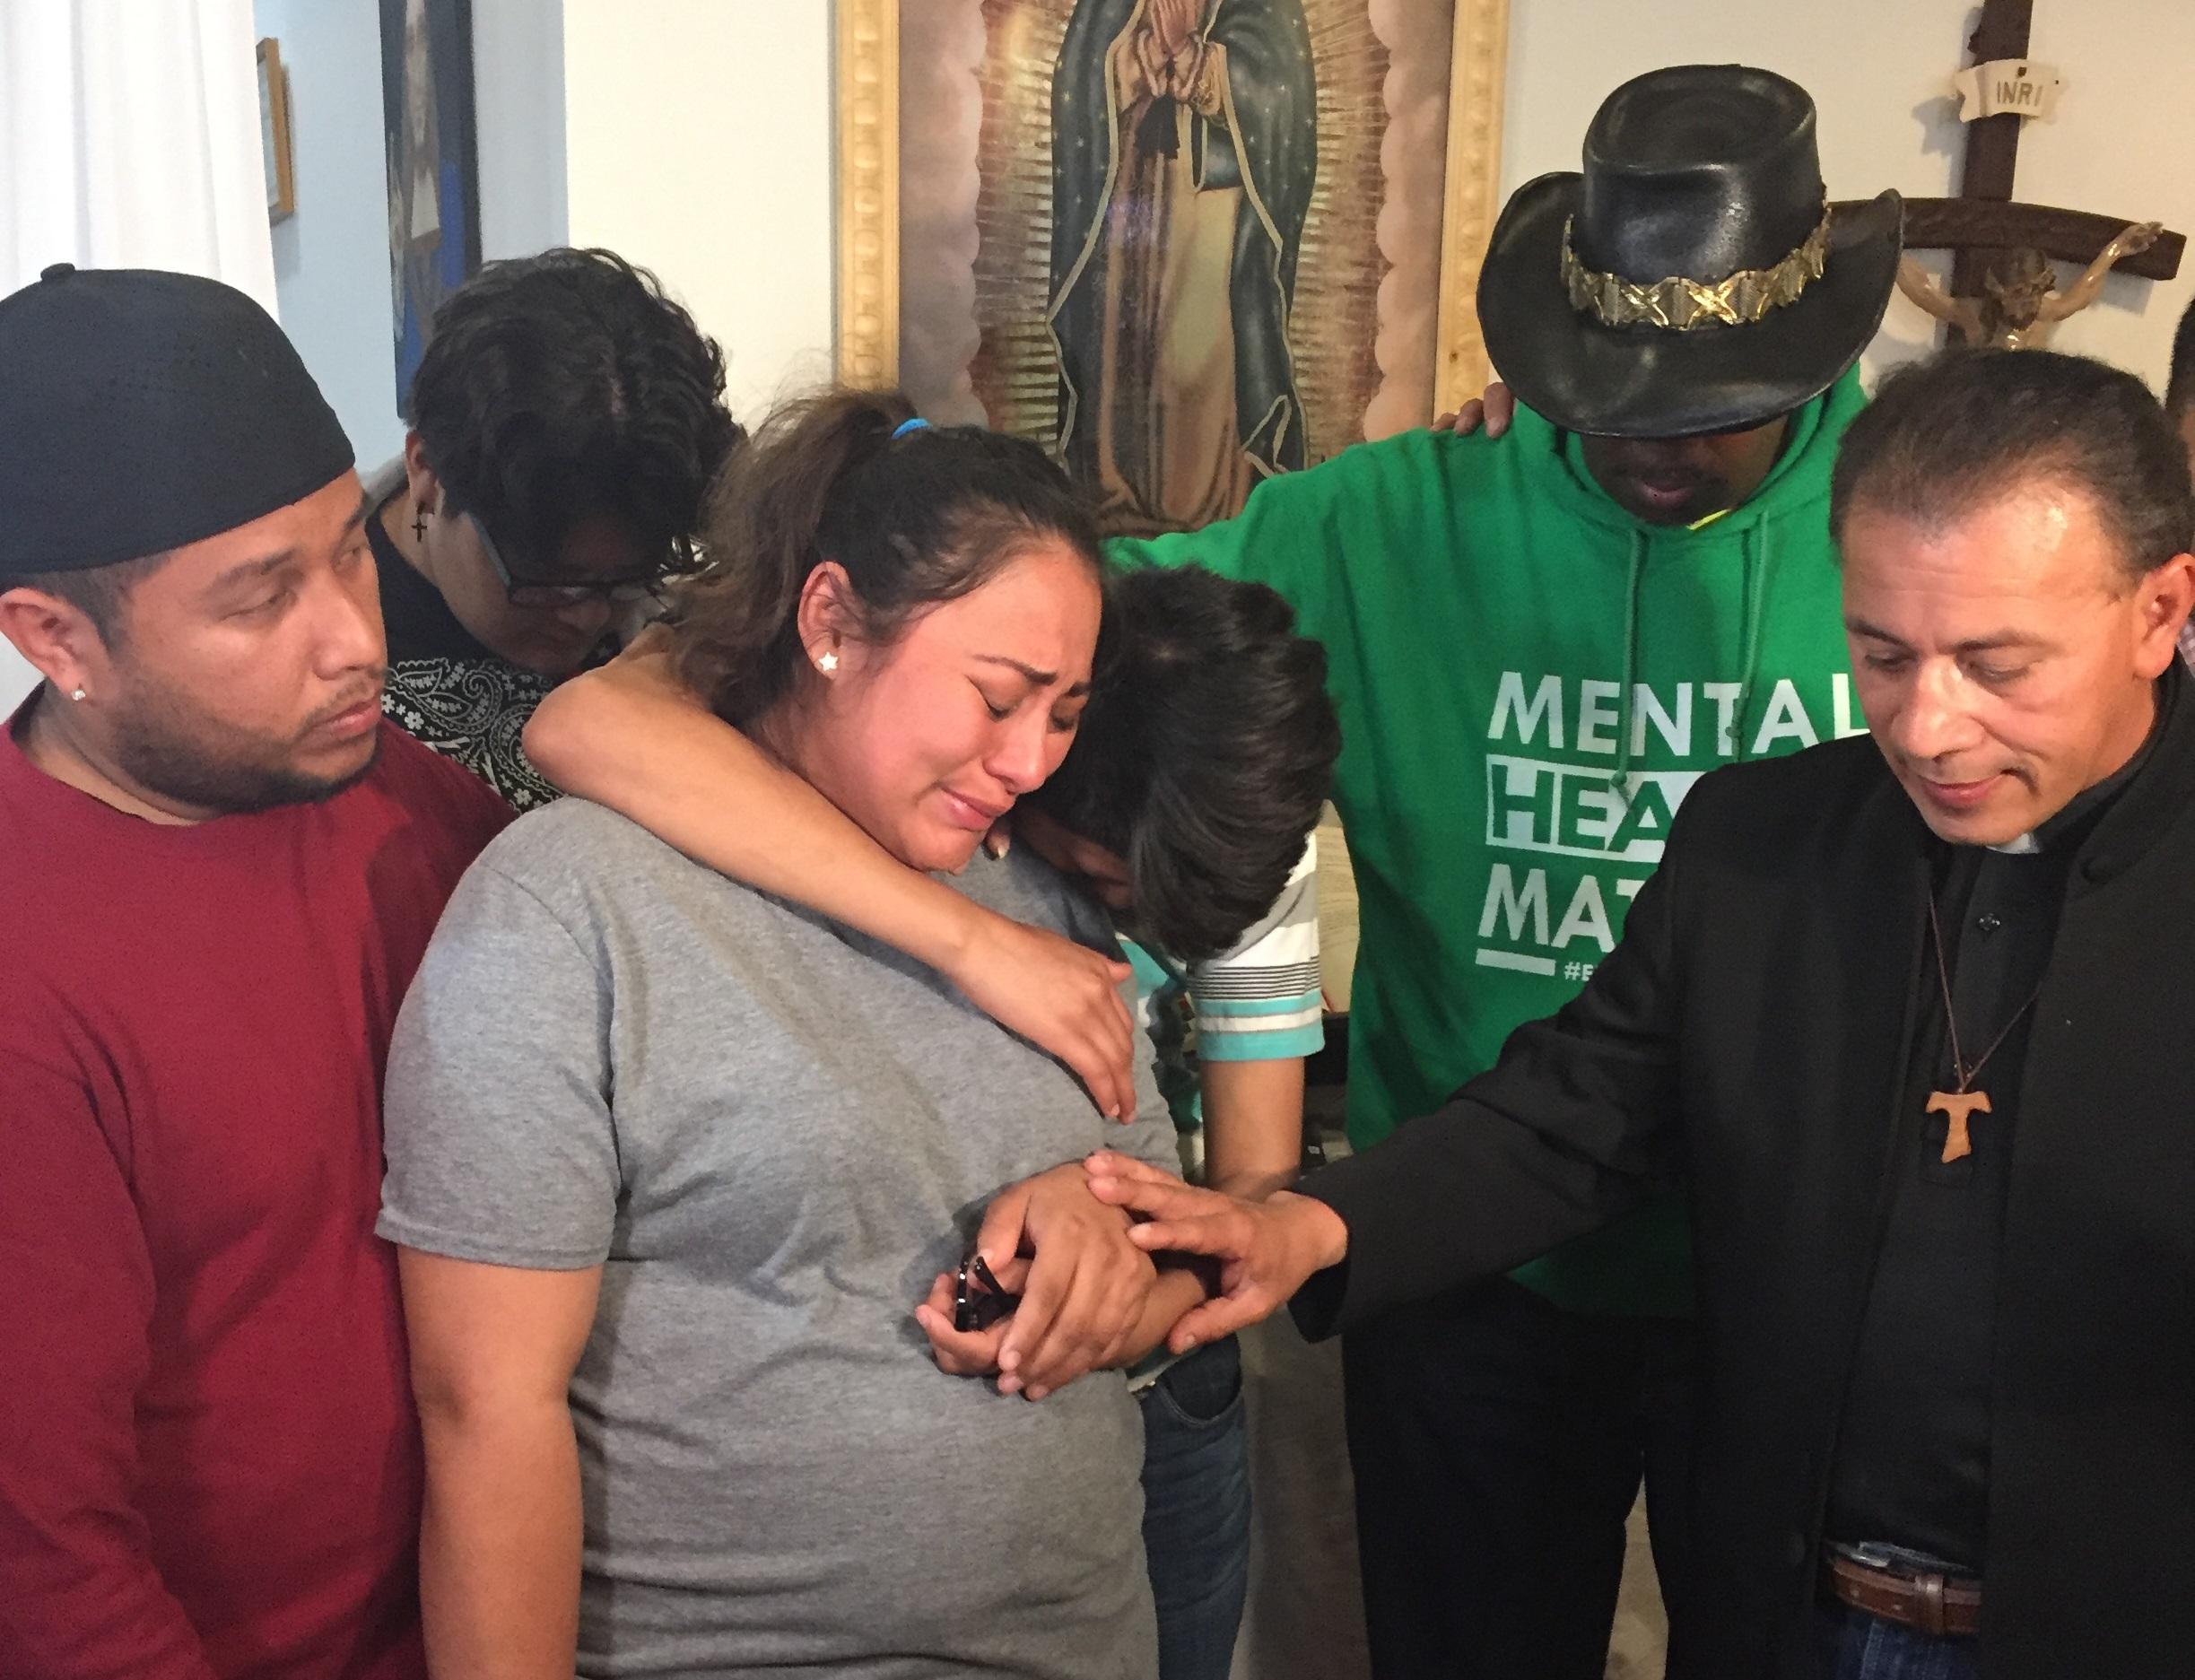 Facing Deportation, Pregnant Mom Seeks Refuge In Chicago Church